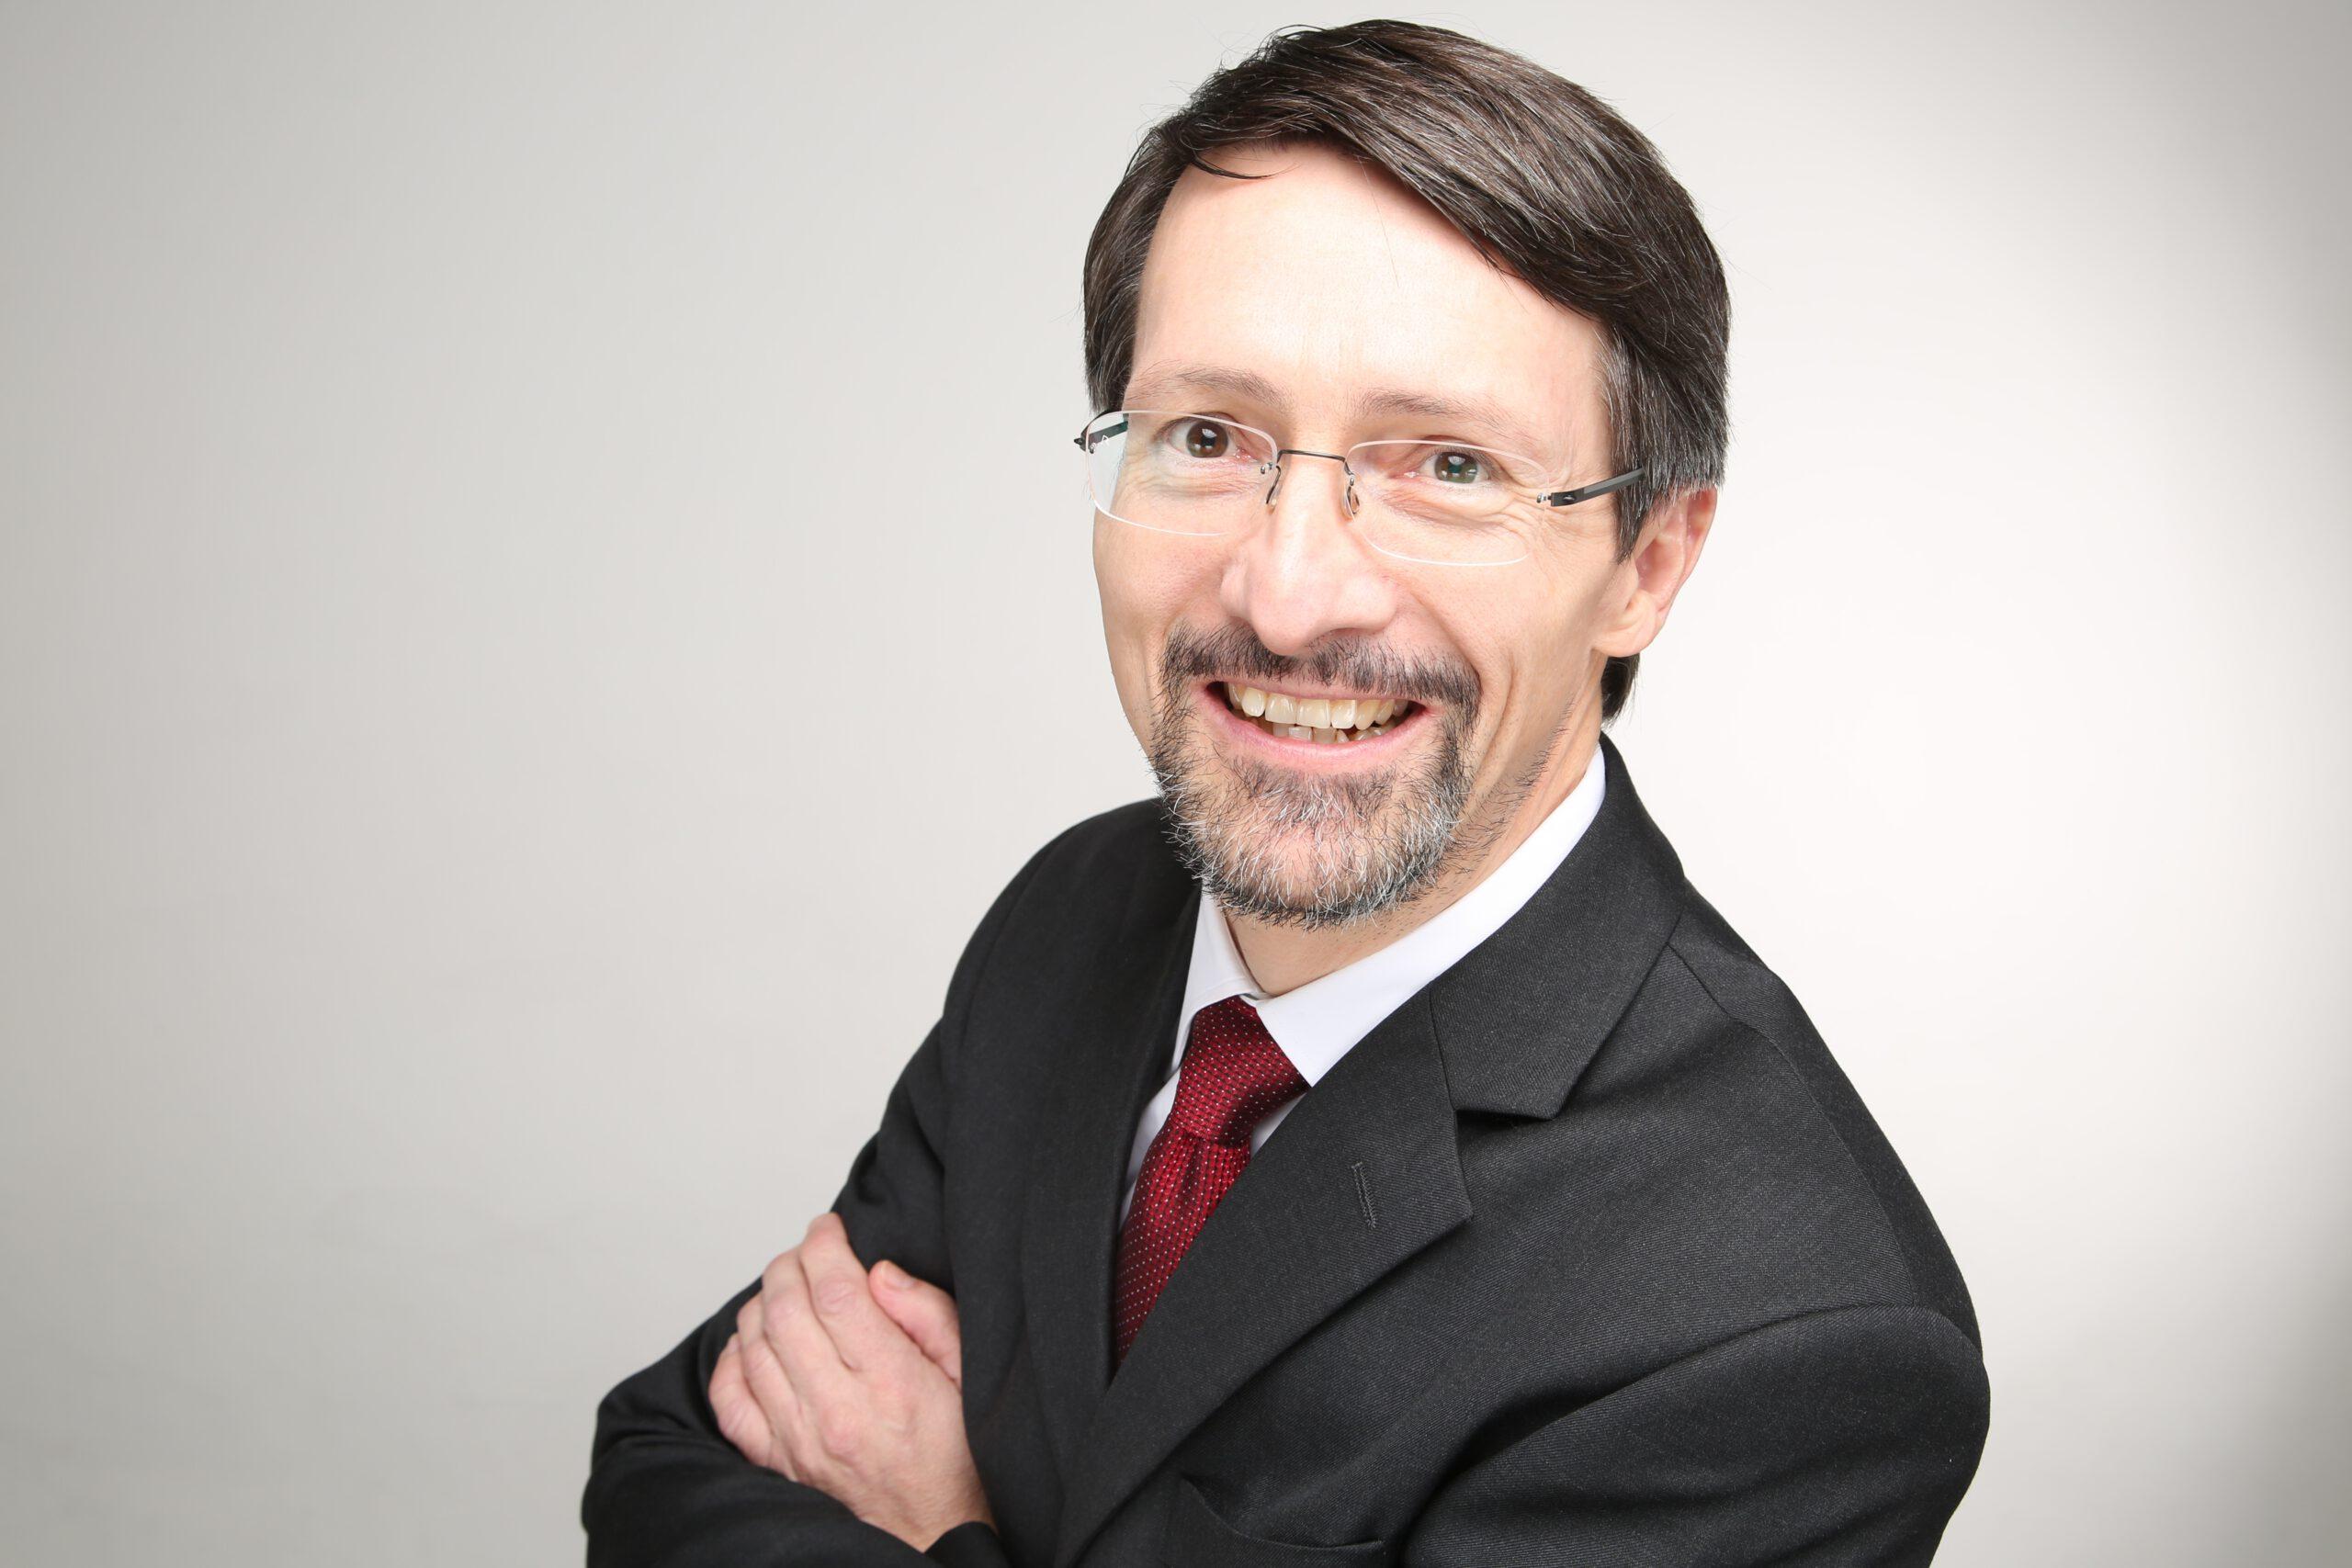 Peter Spitlbauer / Berner SE